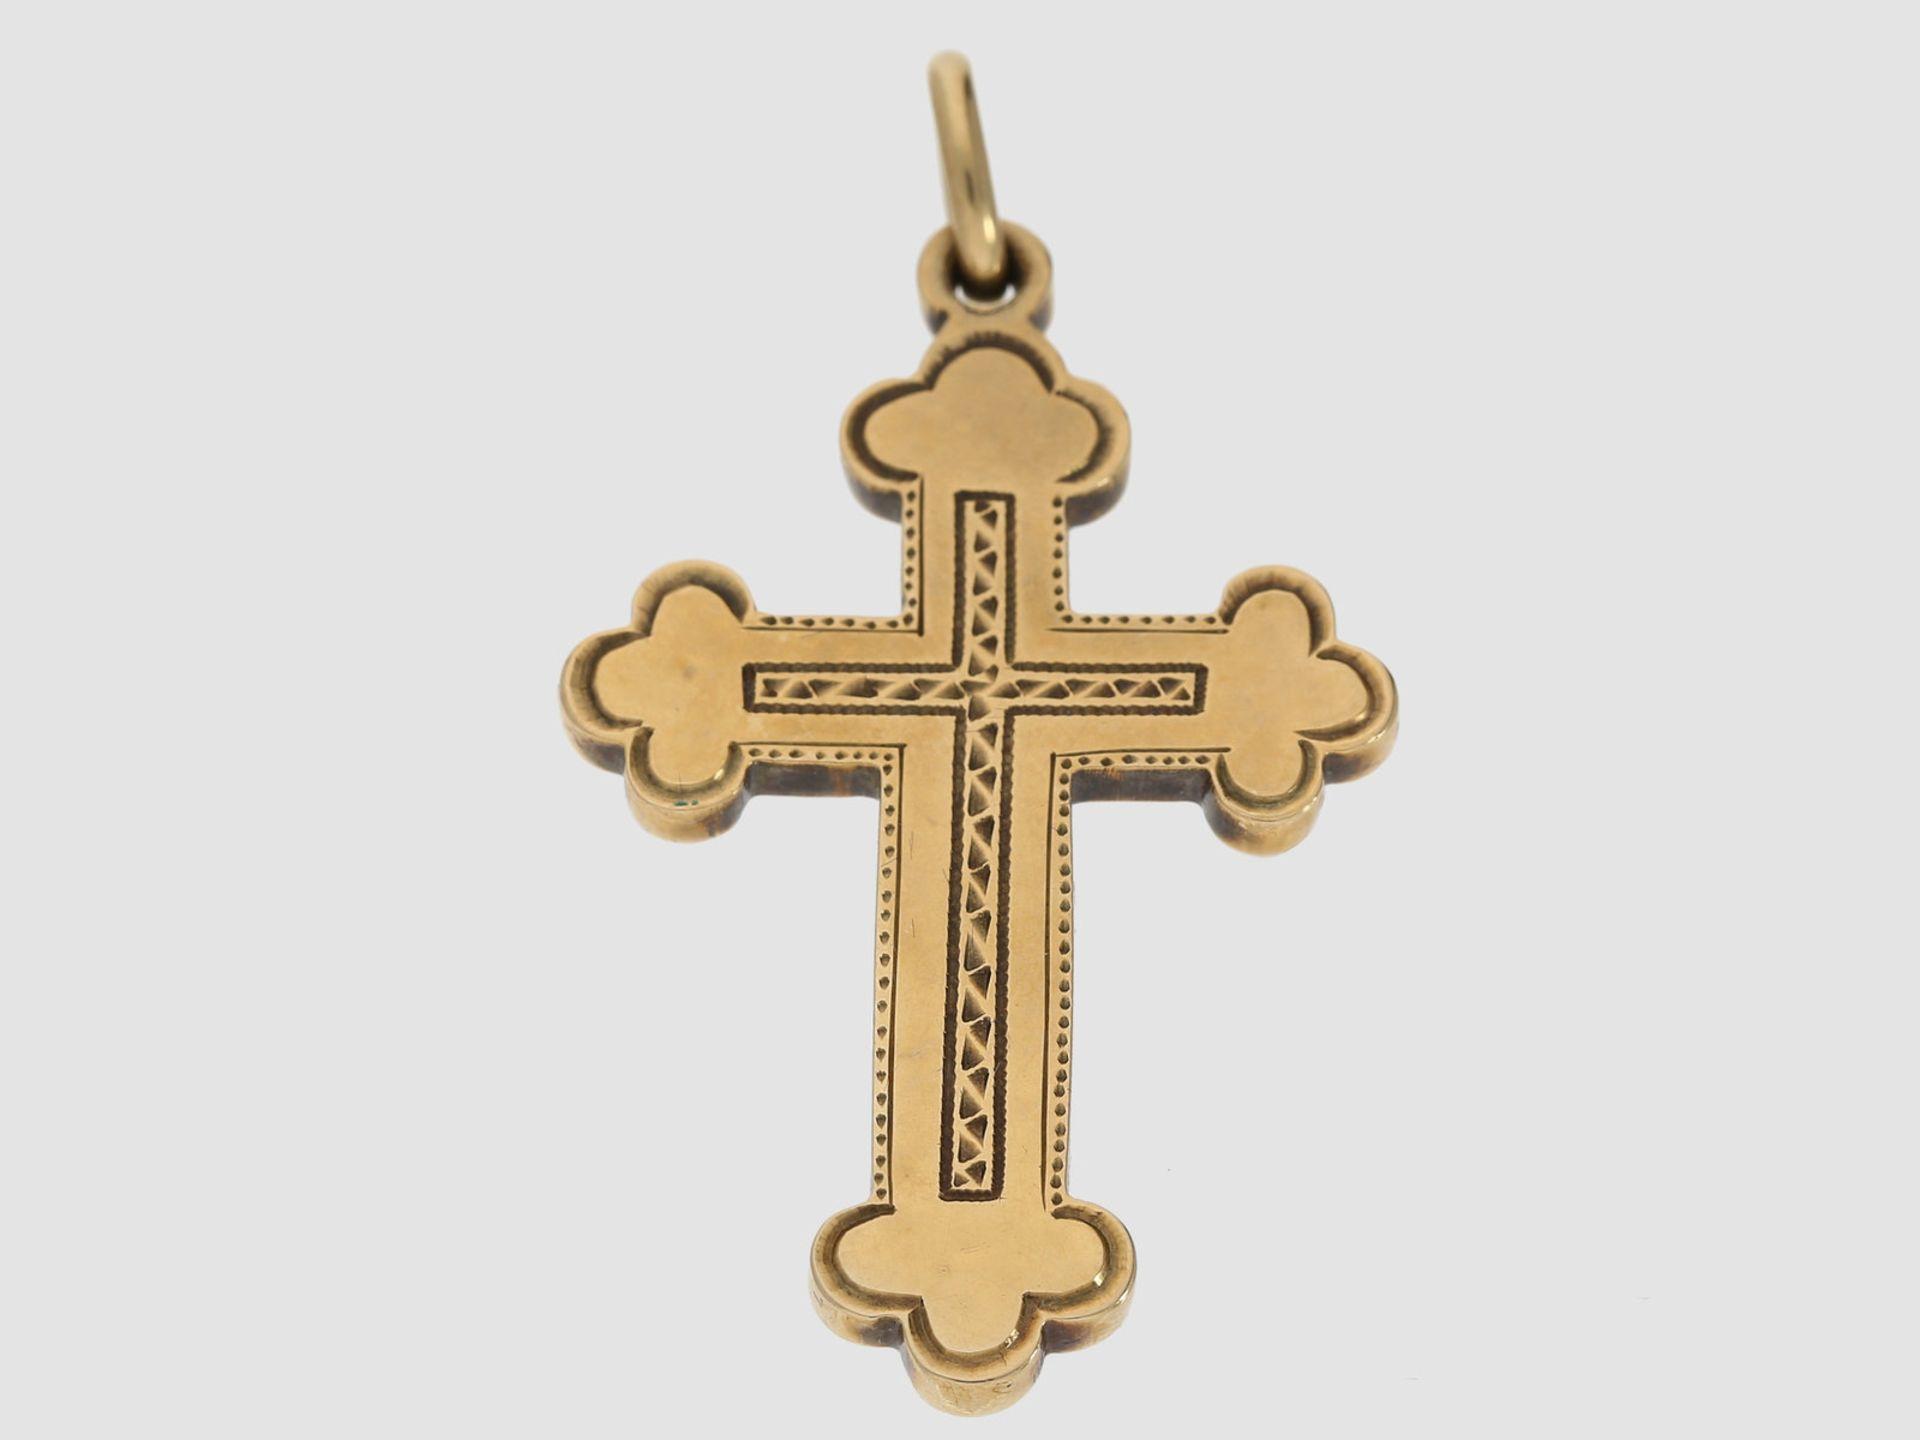 Anhänger: antiker massiver russischer Kreuzanhänger, 14K Gold, 19. Jahrhundert Ca. 45,5 x 25,5mm,